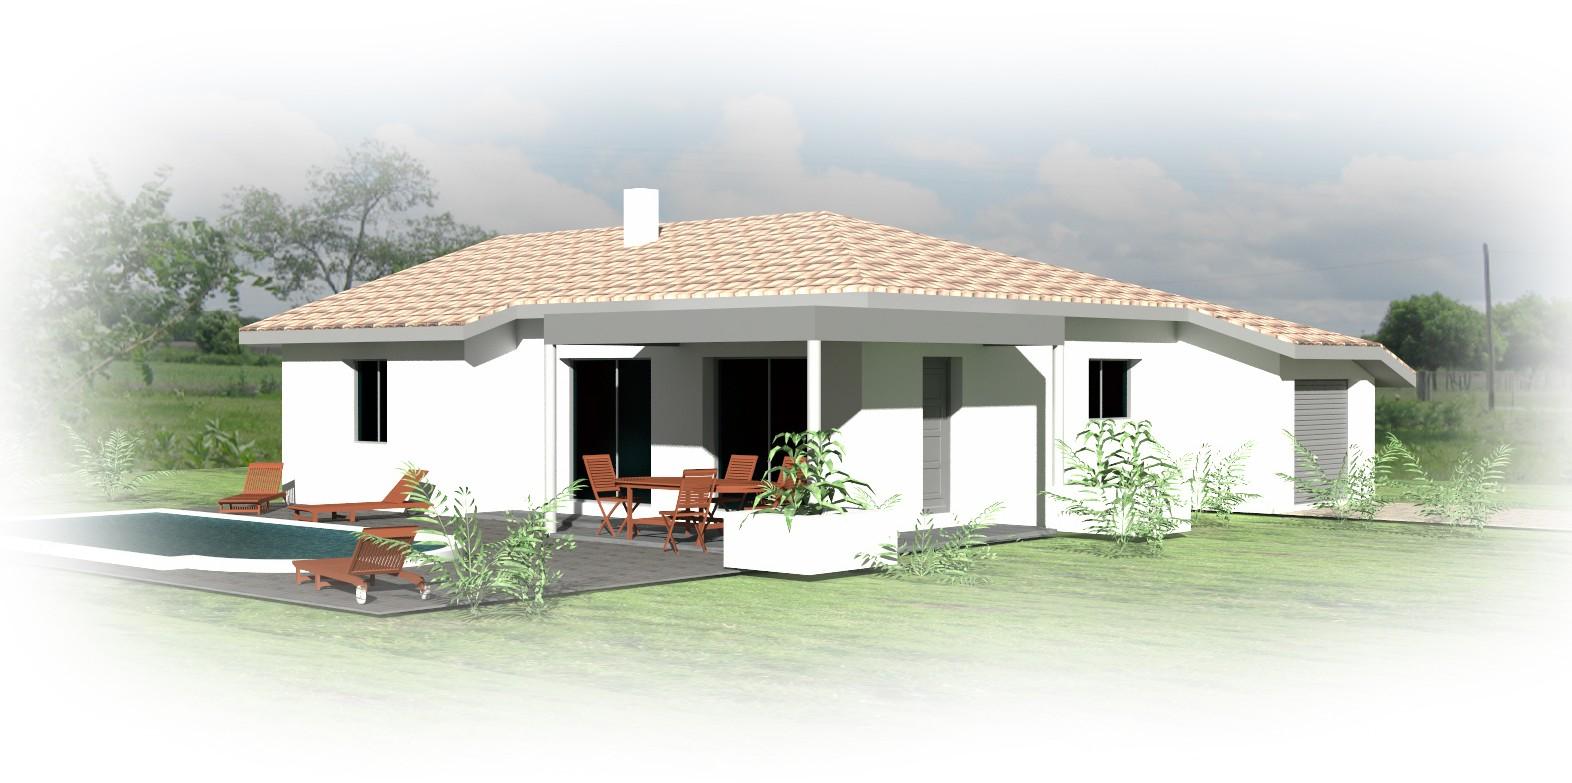 Constructeur maison dax maison moderne for Constructeur maison landes